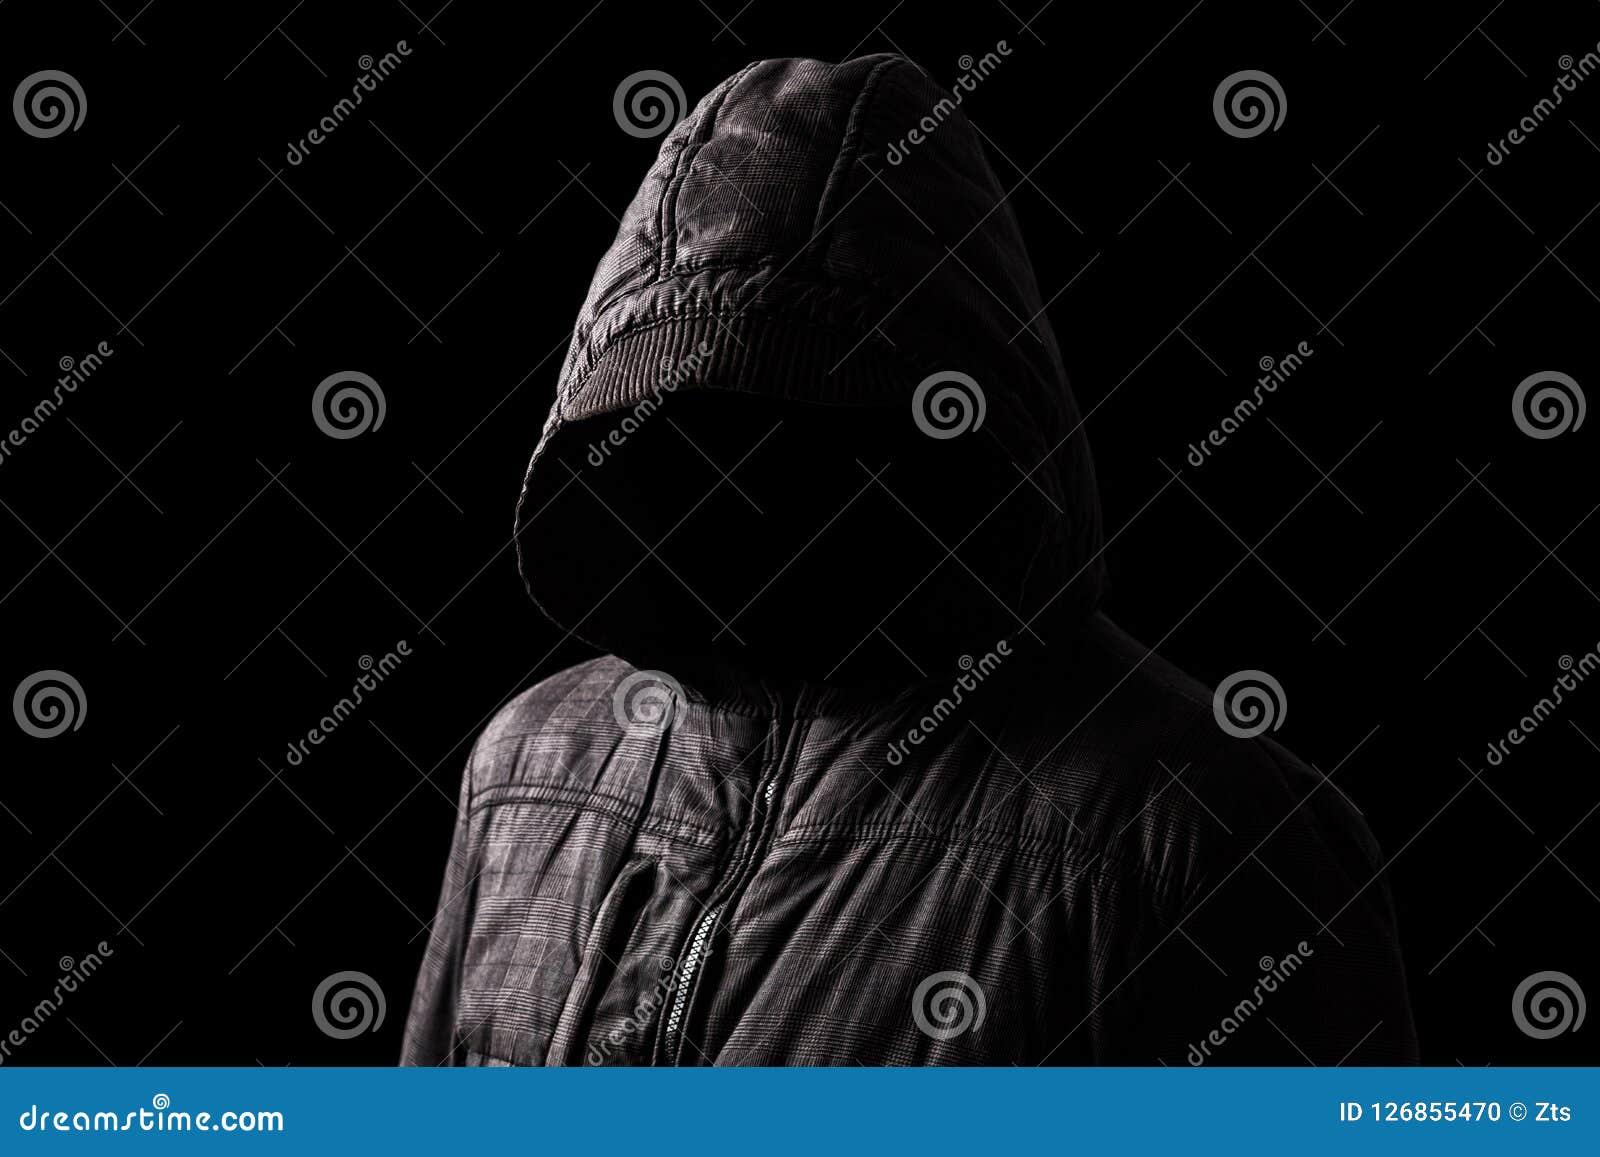 Hombre asustadizo y espeluznante que oculta en las sombras, con la cara y la identidad ocultadas con la capilla